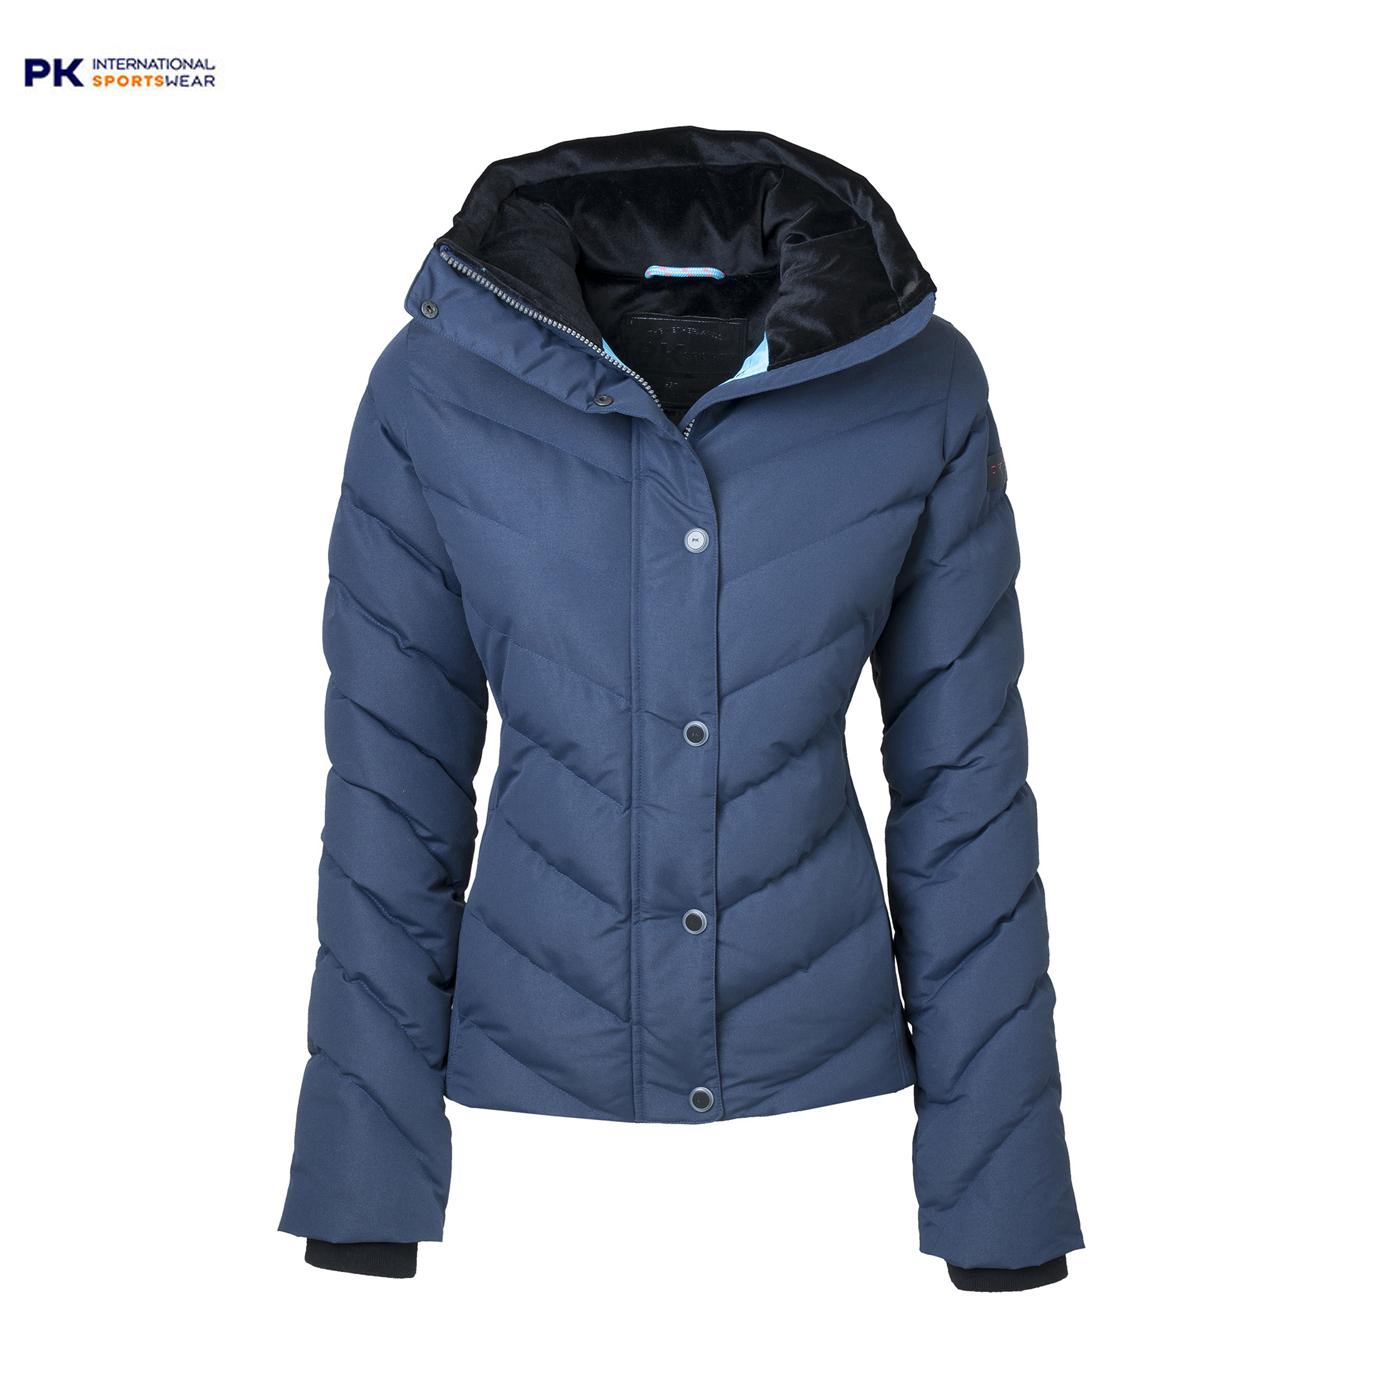 PK International Jack Habanna Coat